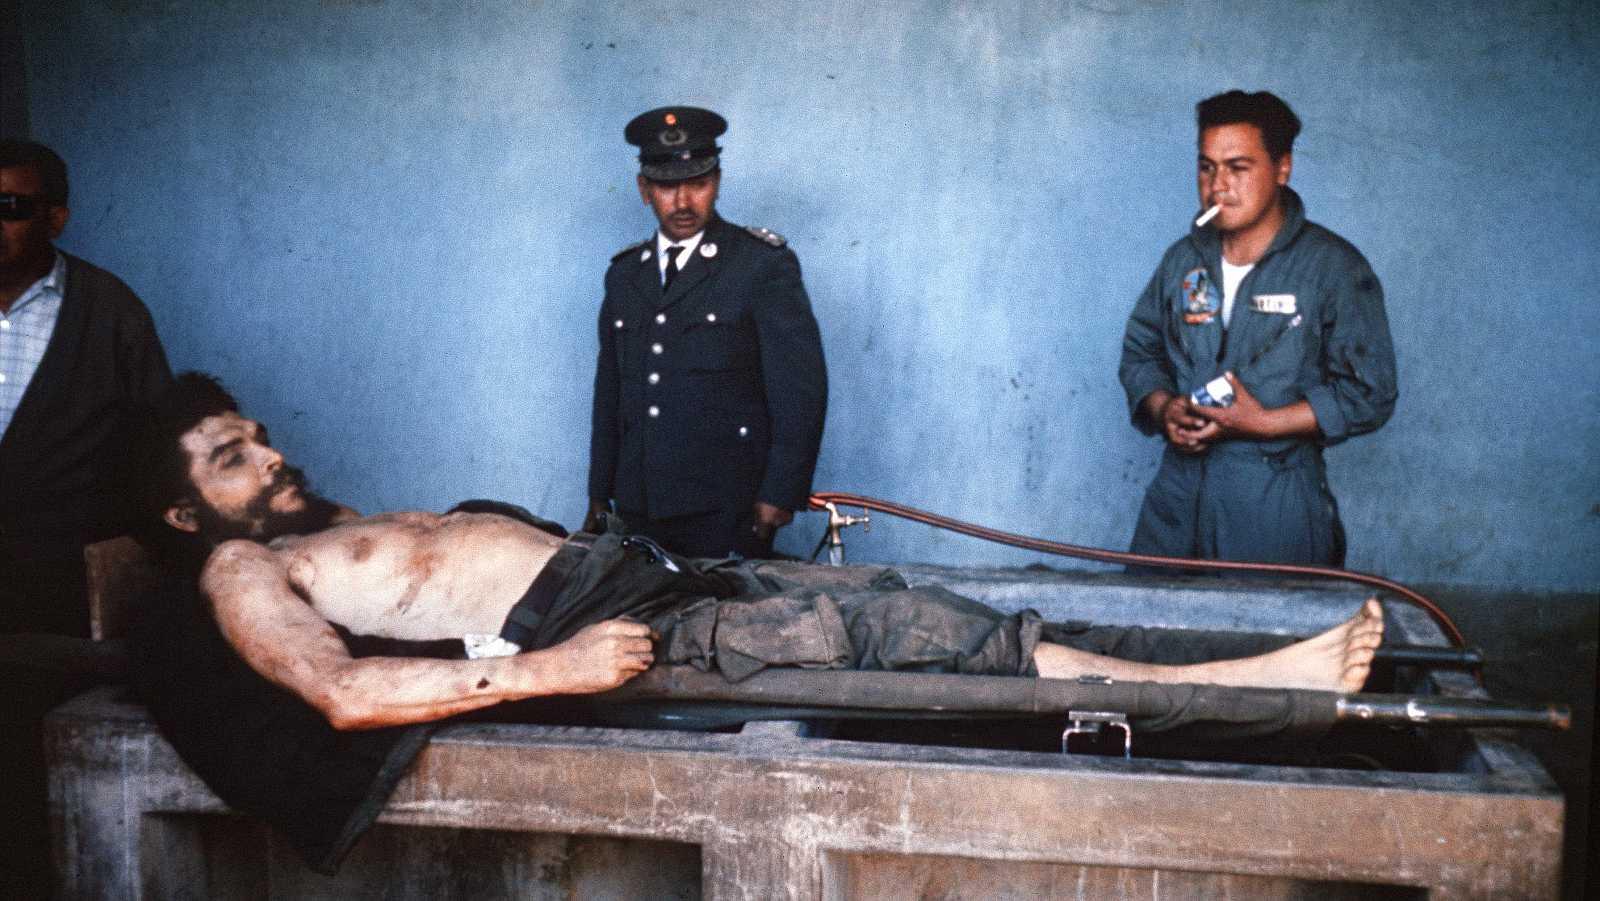 América hoy - 50 años de la muerte del Che Guevara - 06/10/17 - escuchar ahora